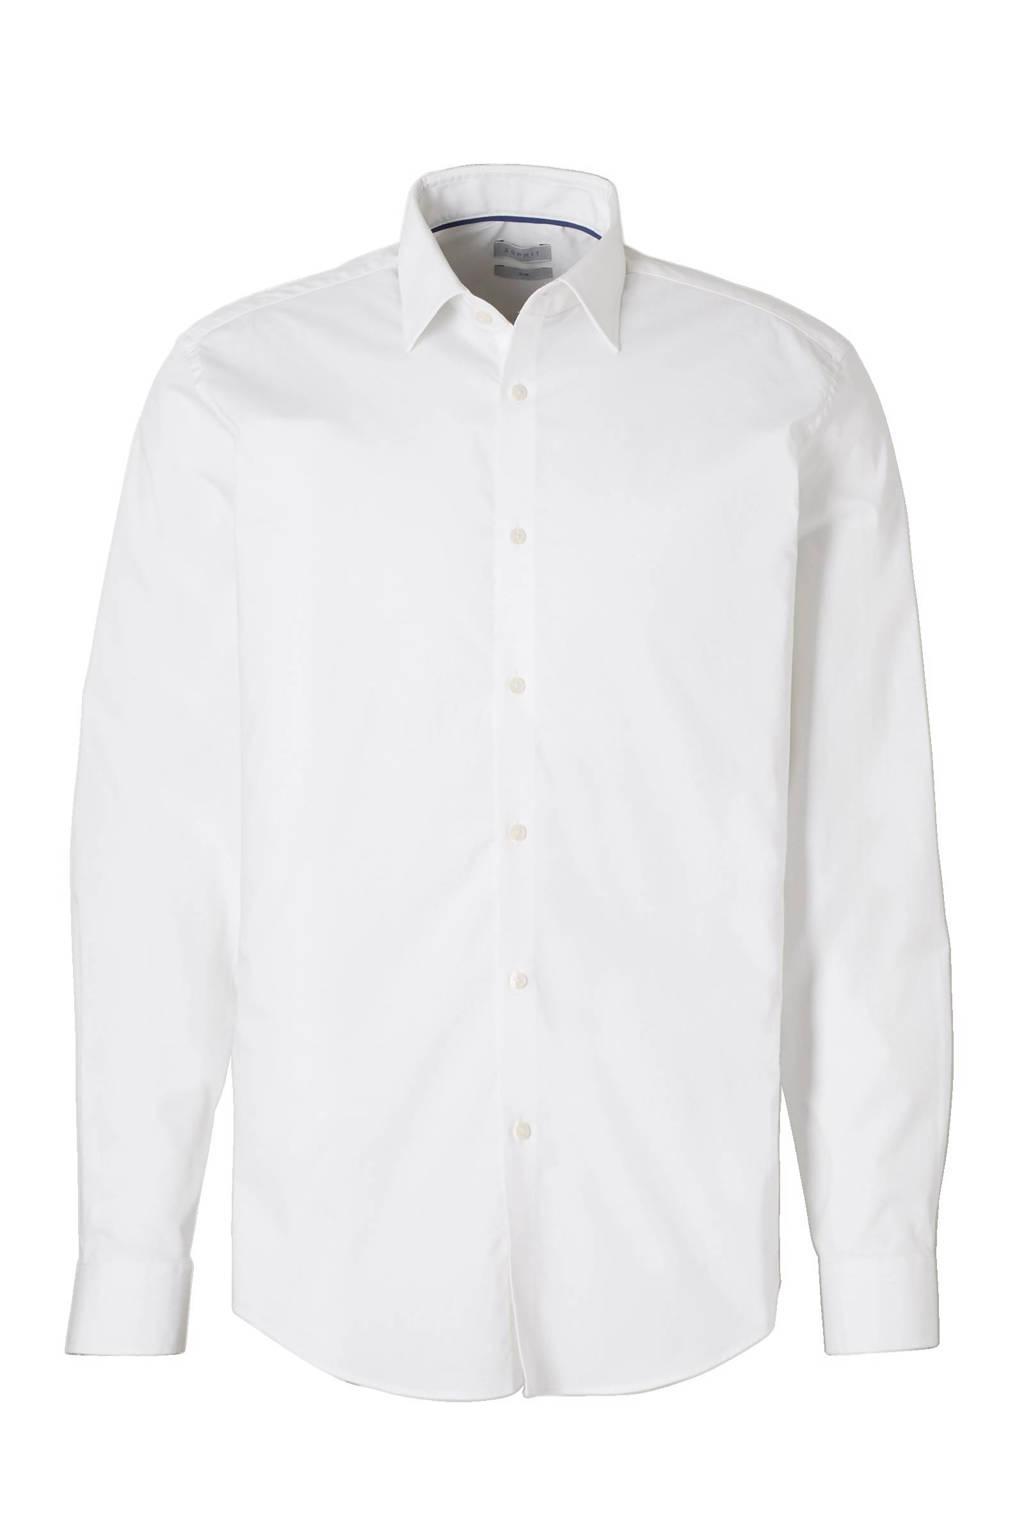 ESPRIT Men Collection slim fit overhemd, Wit